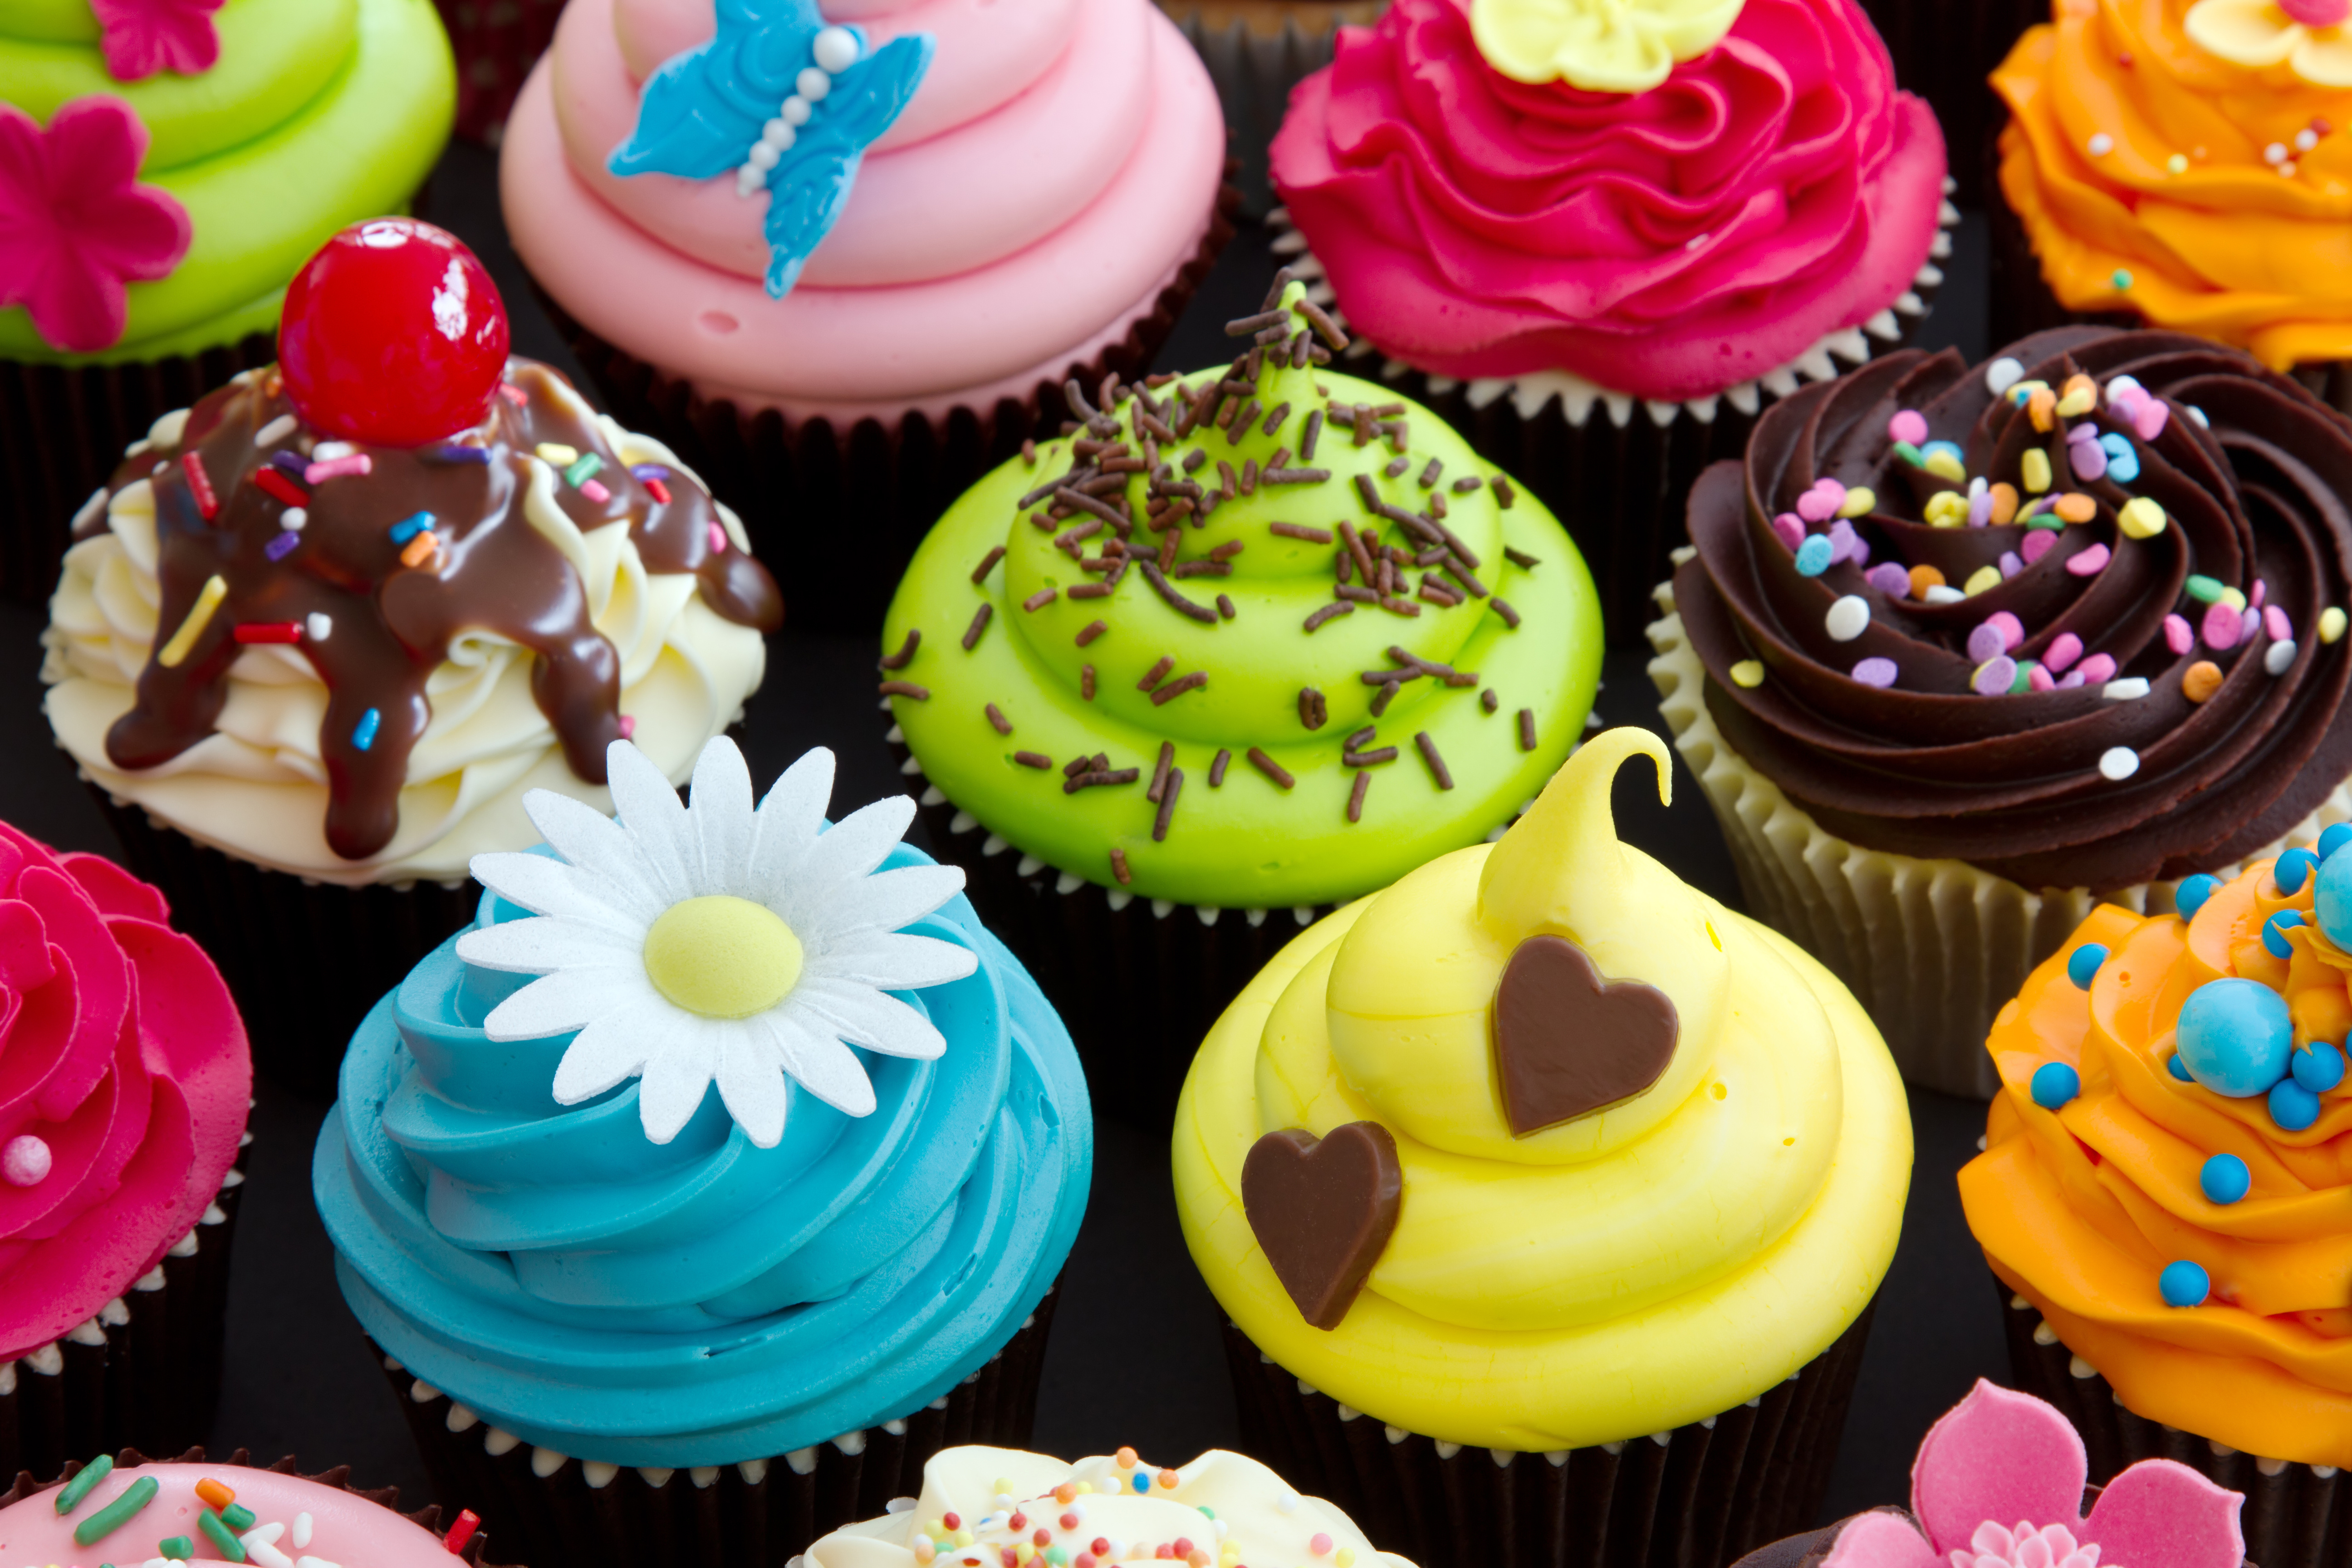 кексы пирожное cupcakes cake  № 132183 без смс